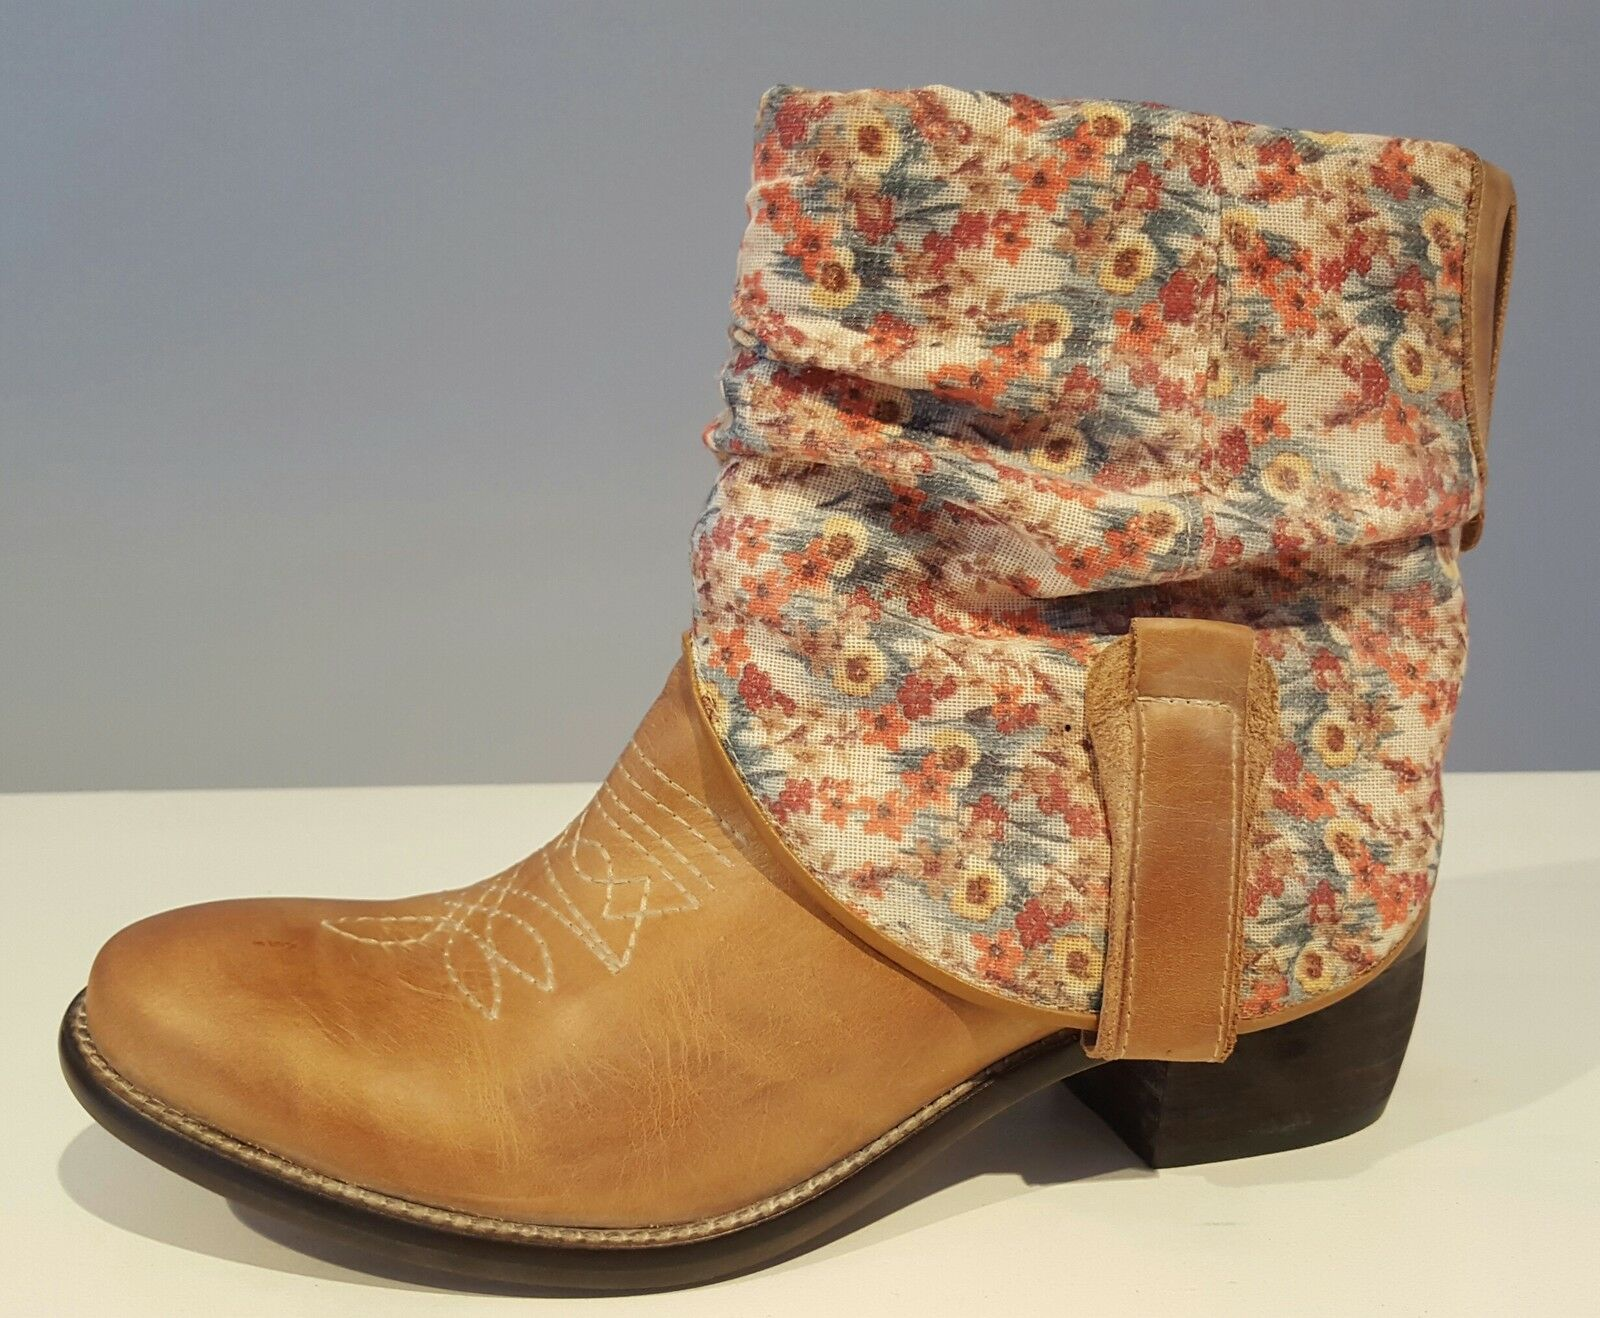 Stiefelette    Leder Western Stiefel   Leder    Veracruz FLUXA/Spanien  braun Gr. 36-41 0d19bb